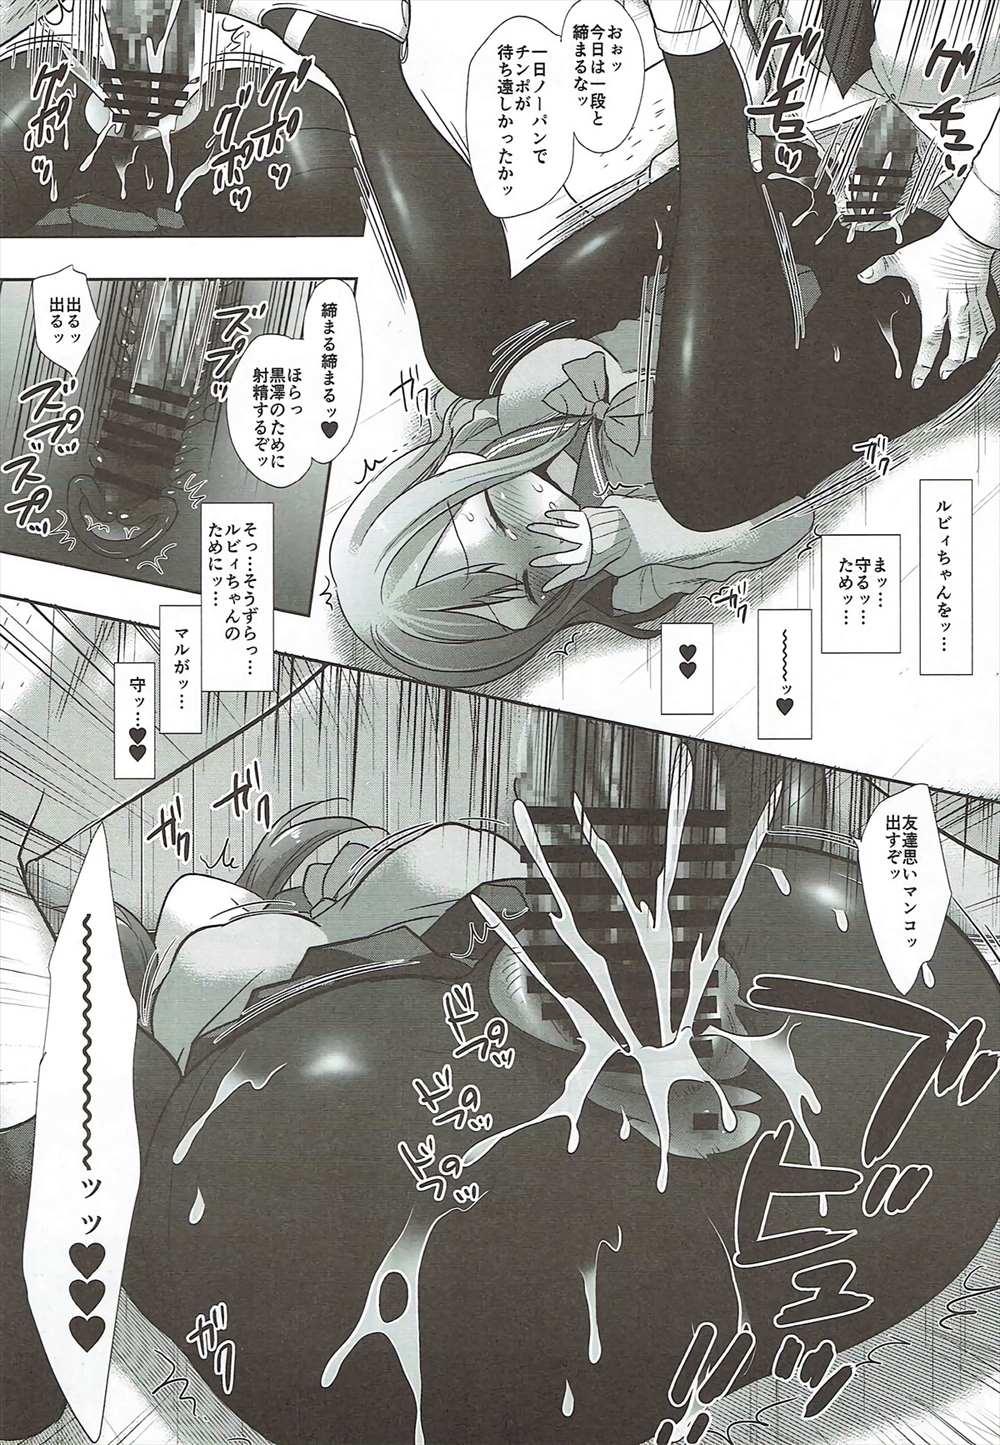 【エロ同人誌】(C91)ルビィと花丸が百合レズセックス…オジサンに盗撮脅迫されて寝取られる二人ww【那岐山:盗撮脅迫はなまるビィ】